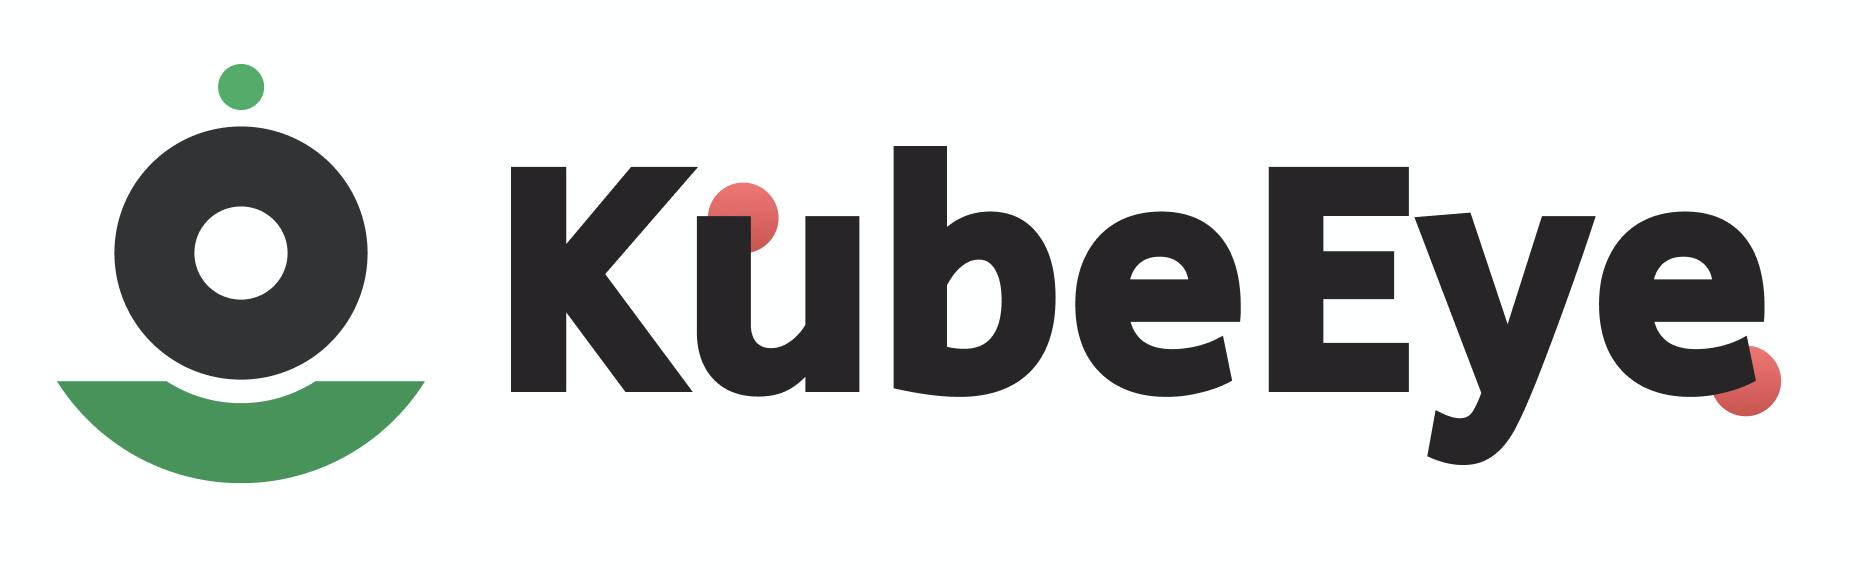 kubeeye-logo